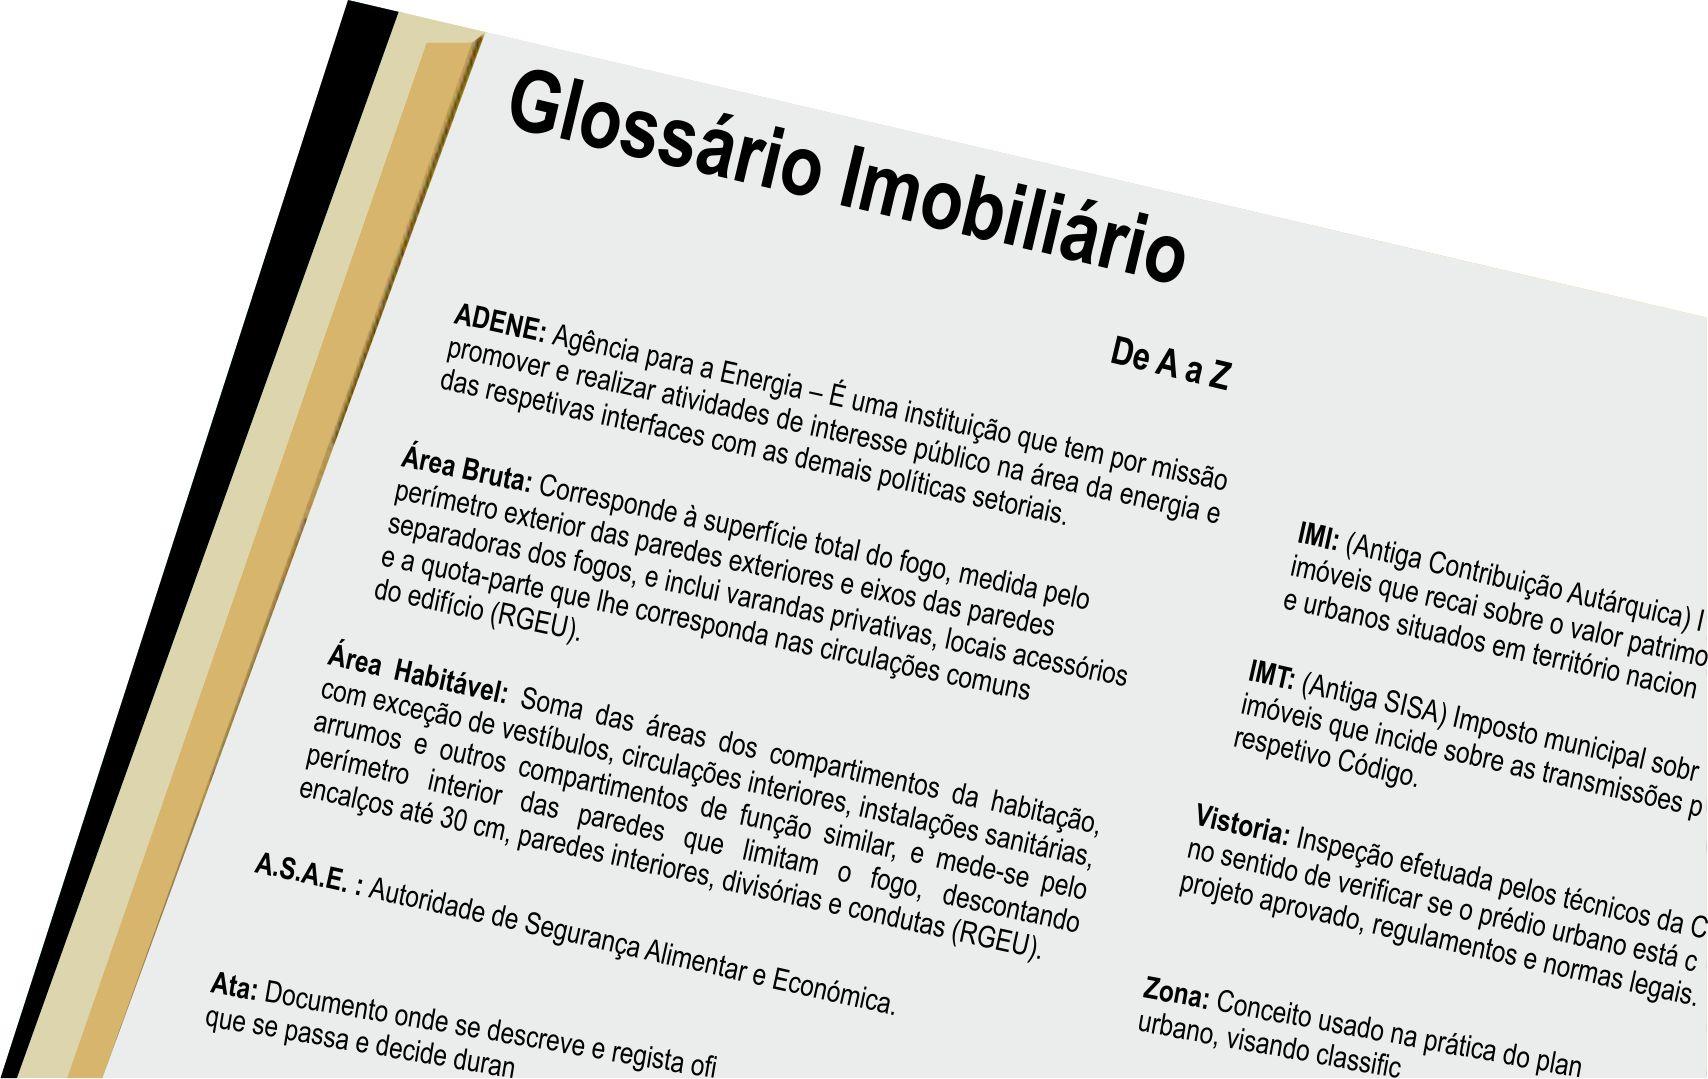 Glossário Imobiliário